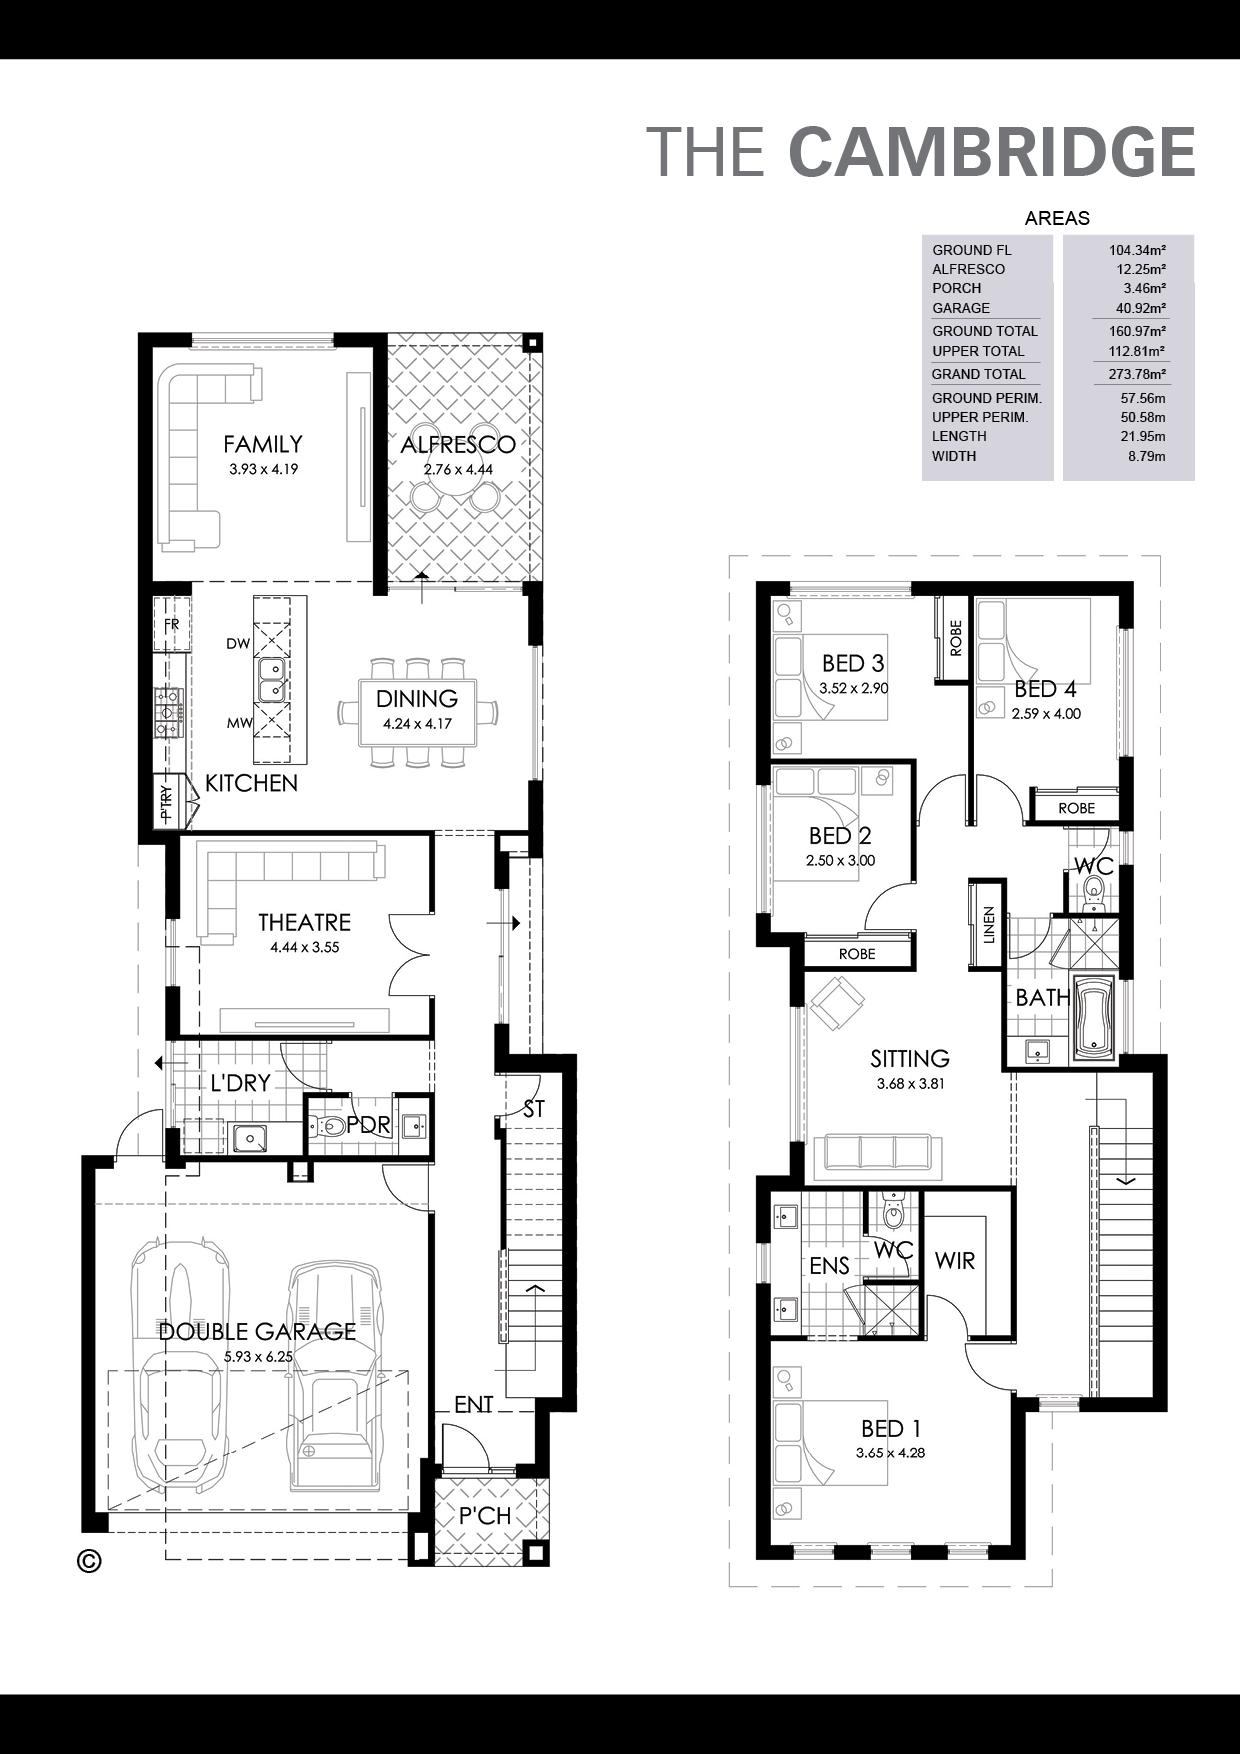 The Cambridge Floorplan